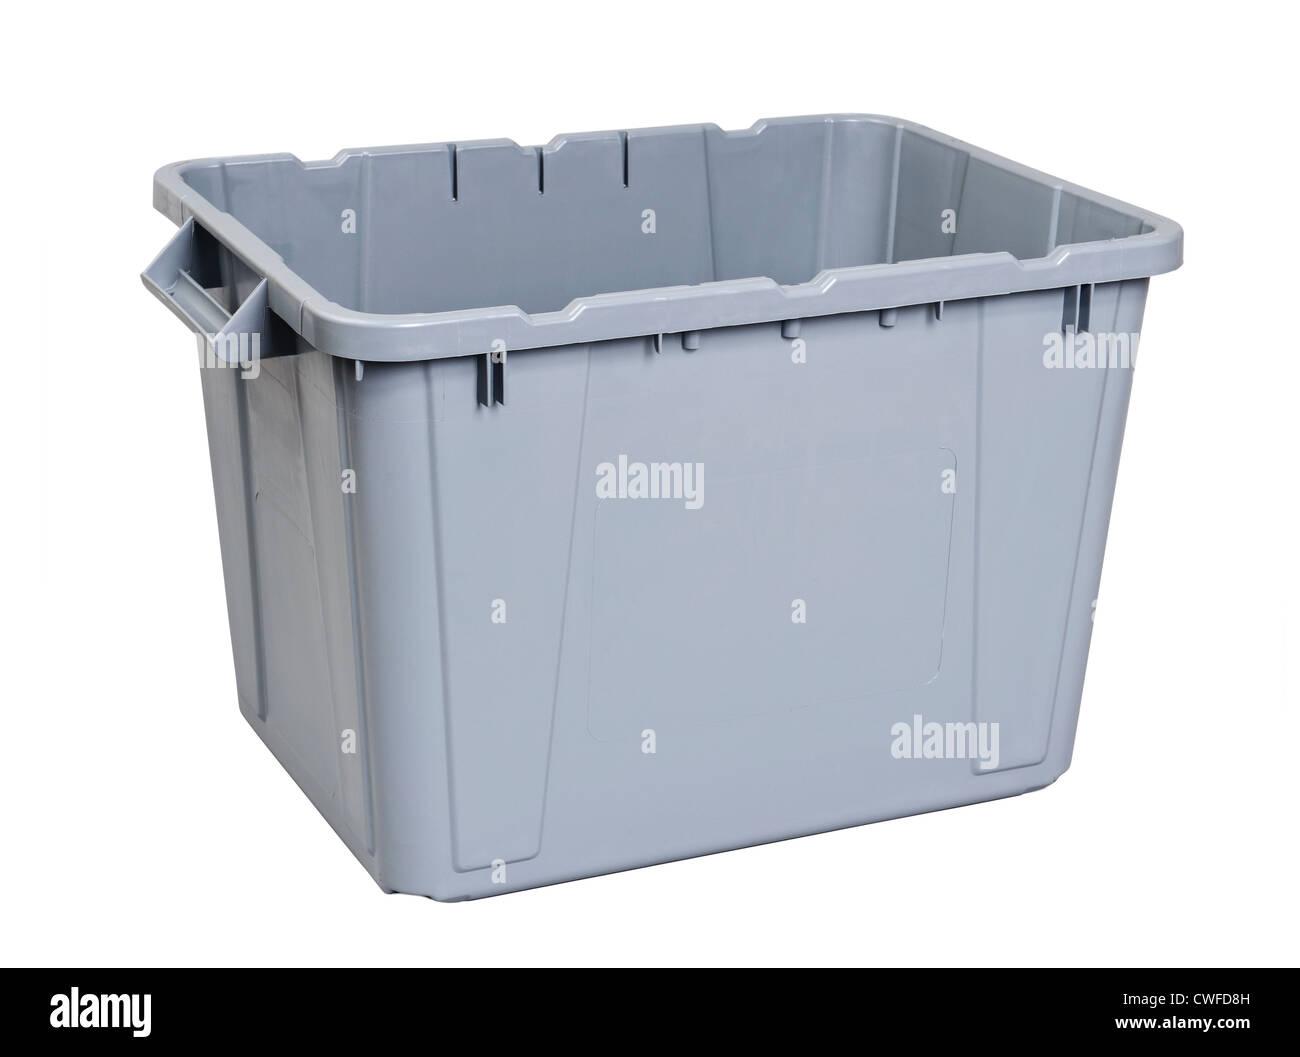 Grigio a scatola di stoccaggio in plastica Immagini Stock